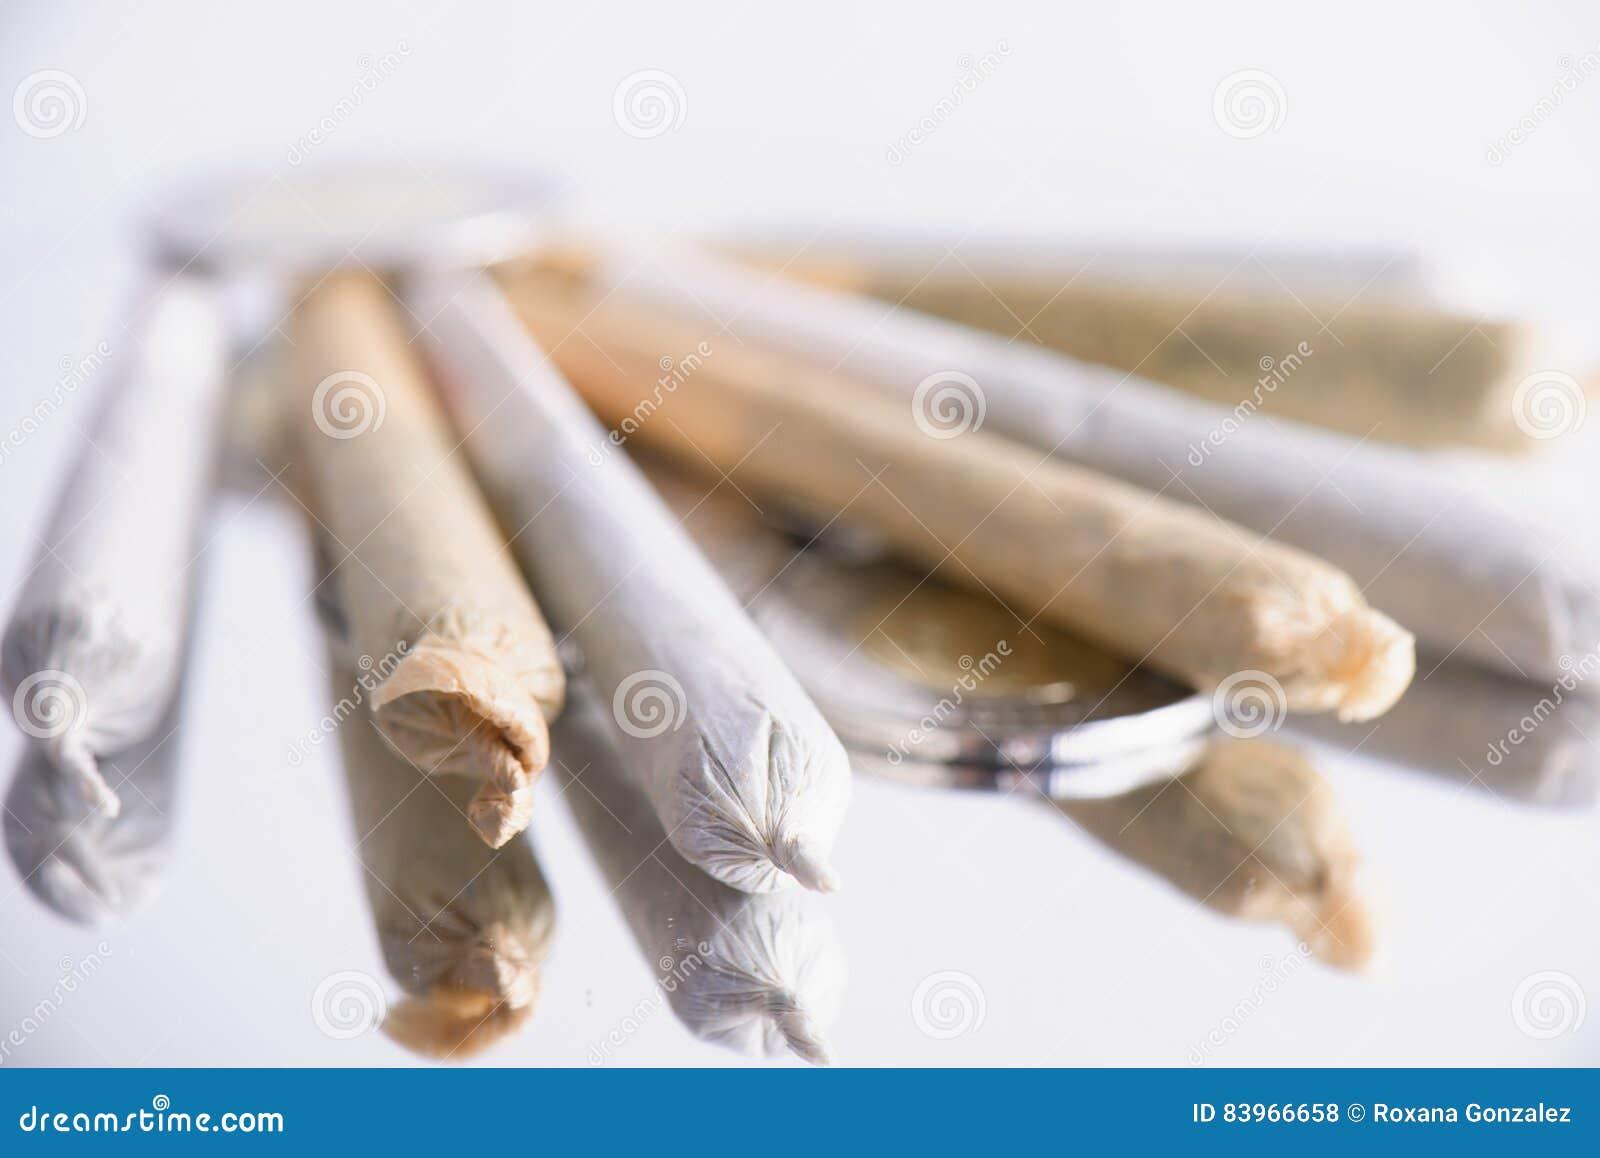 Varias juntas de la marijuana rodadas en el fondo blanco